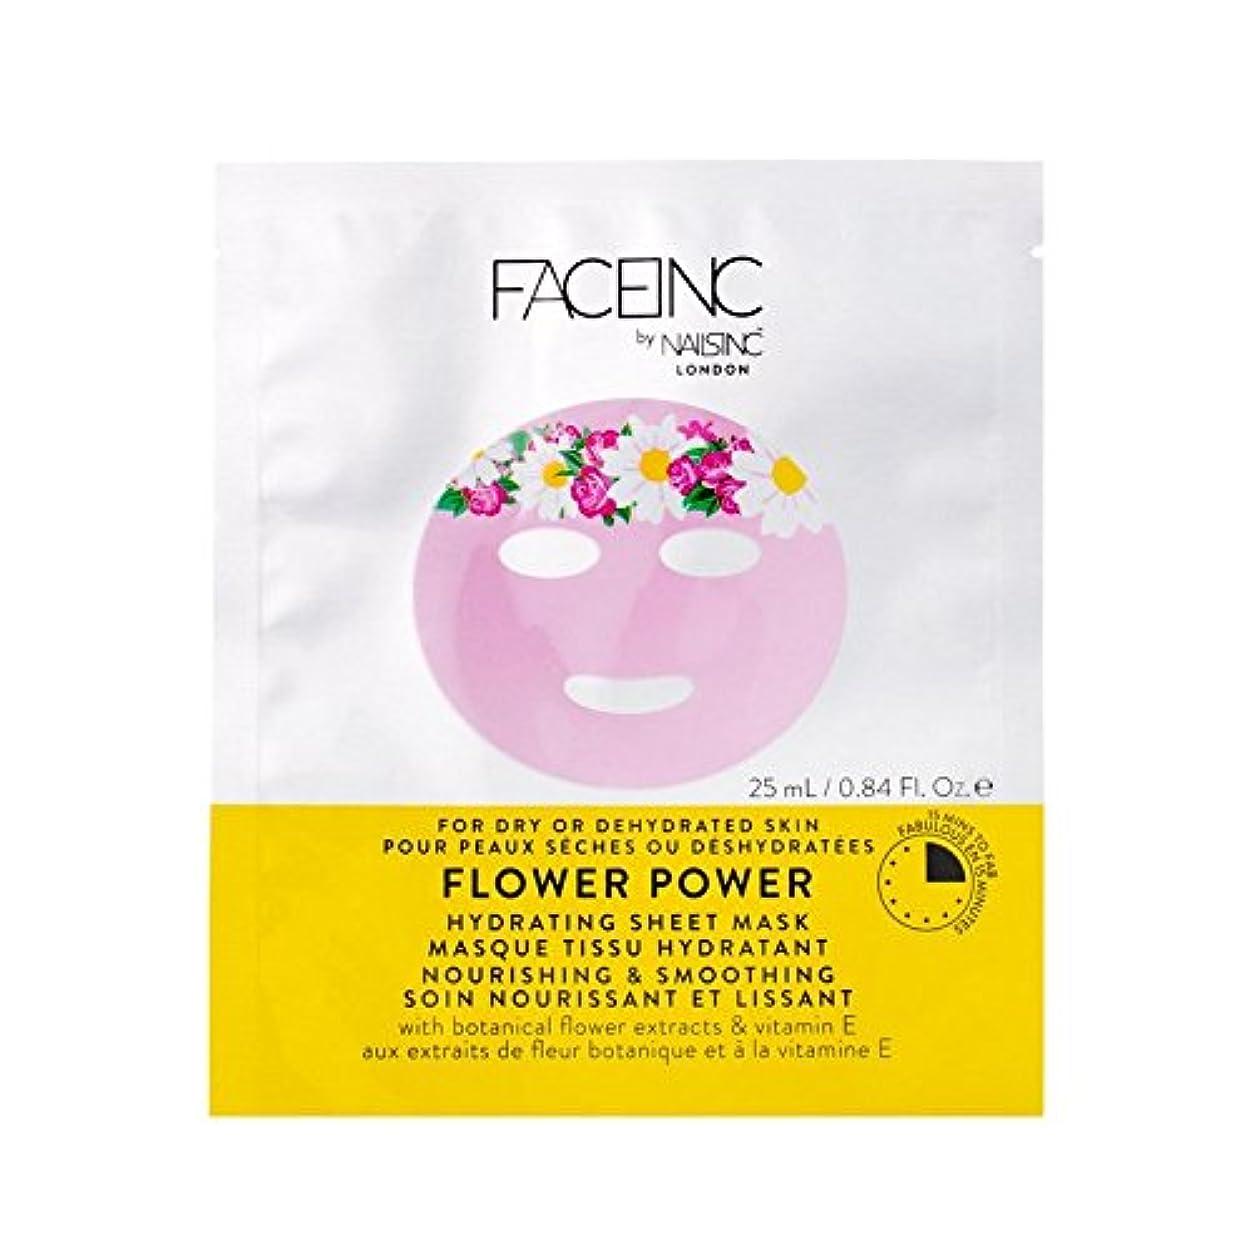 アプローチトランスミッション振る舞うNails Inc. Face Inc Flower Power Mask - 爪が株式会社顔株式会社花のパワーマスク [並行輸入品]